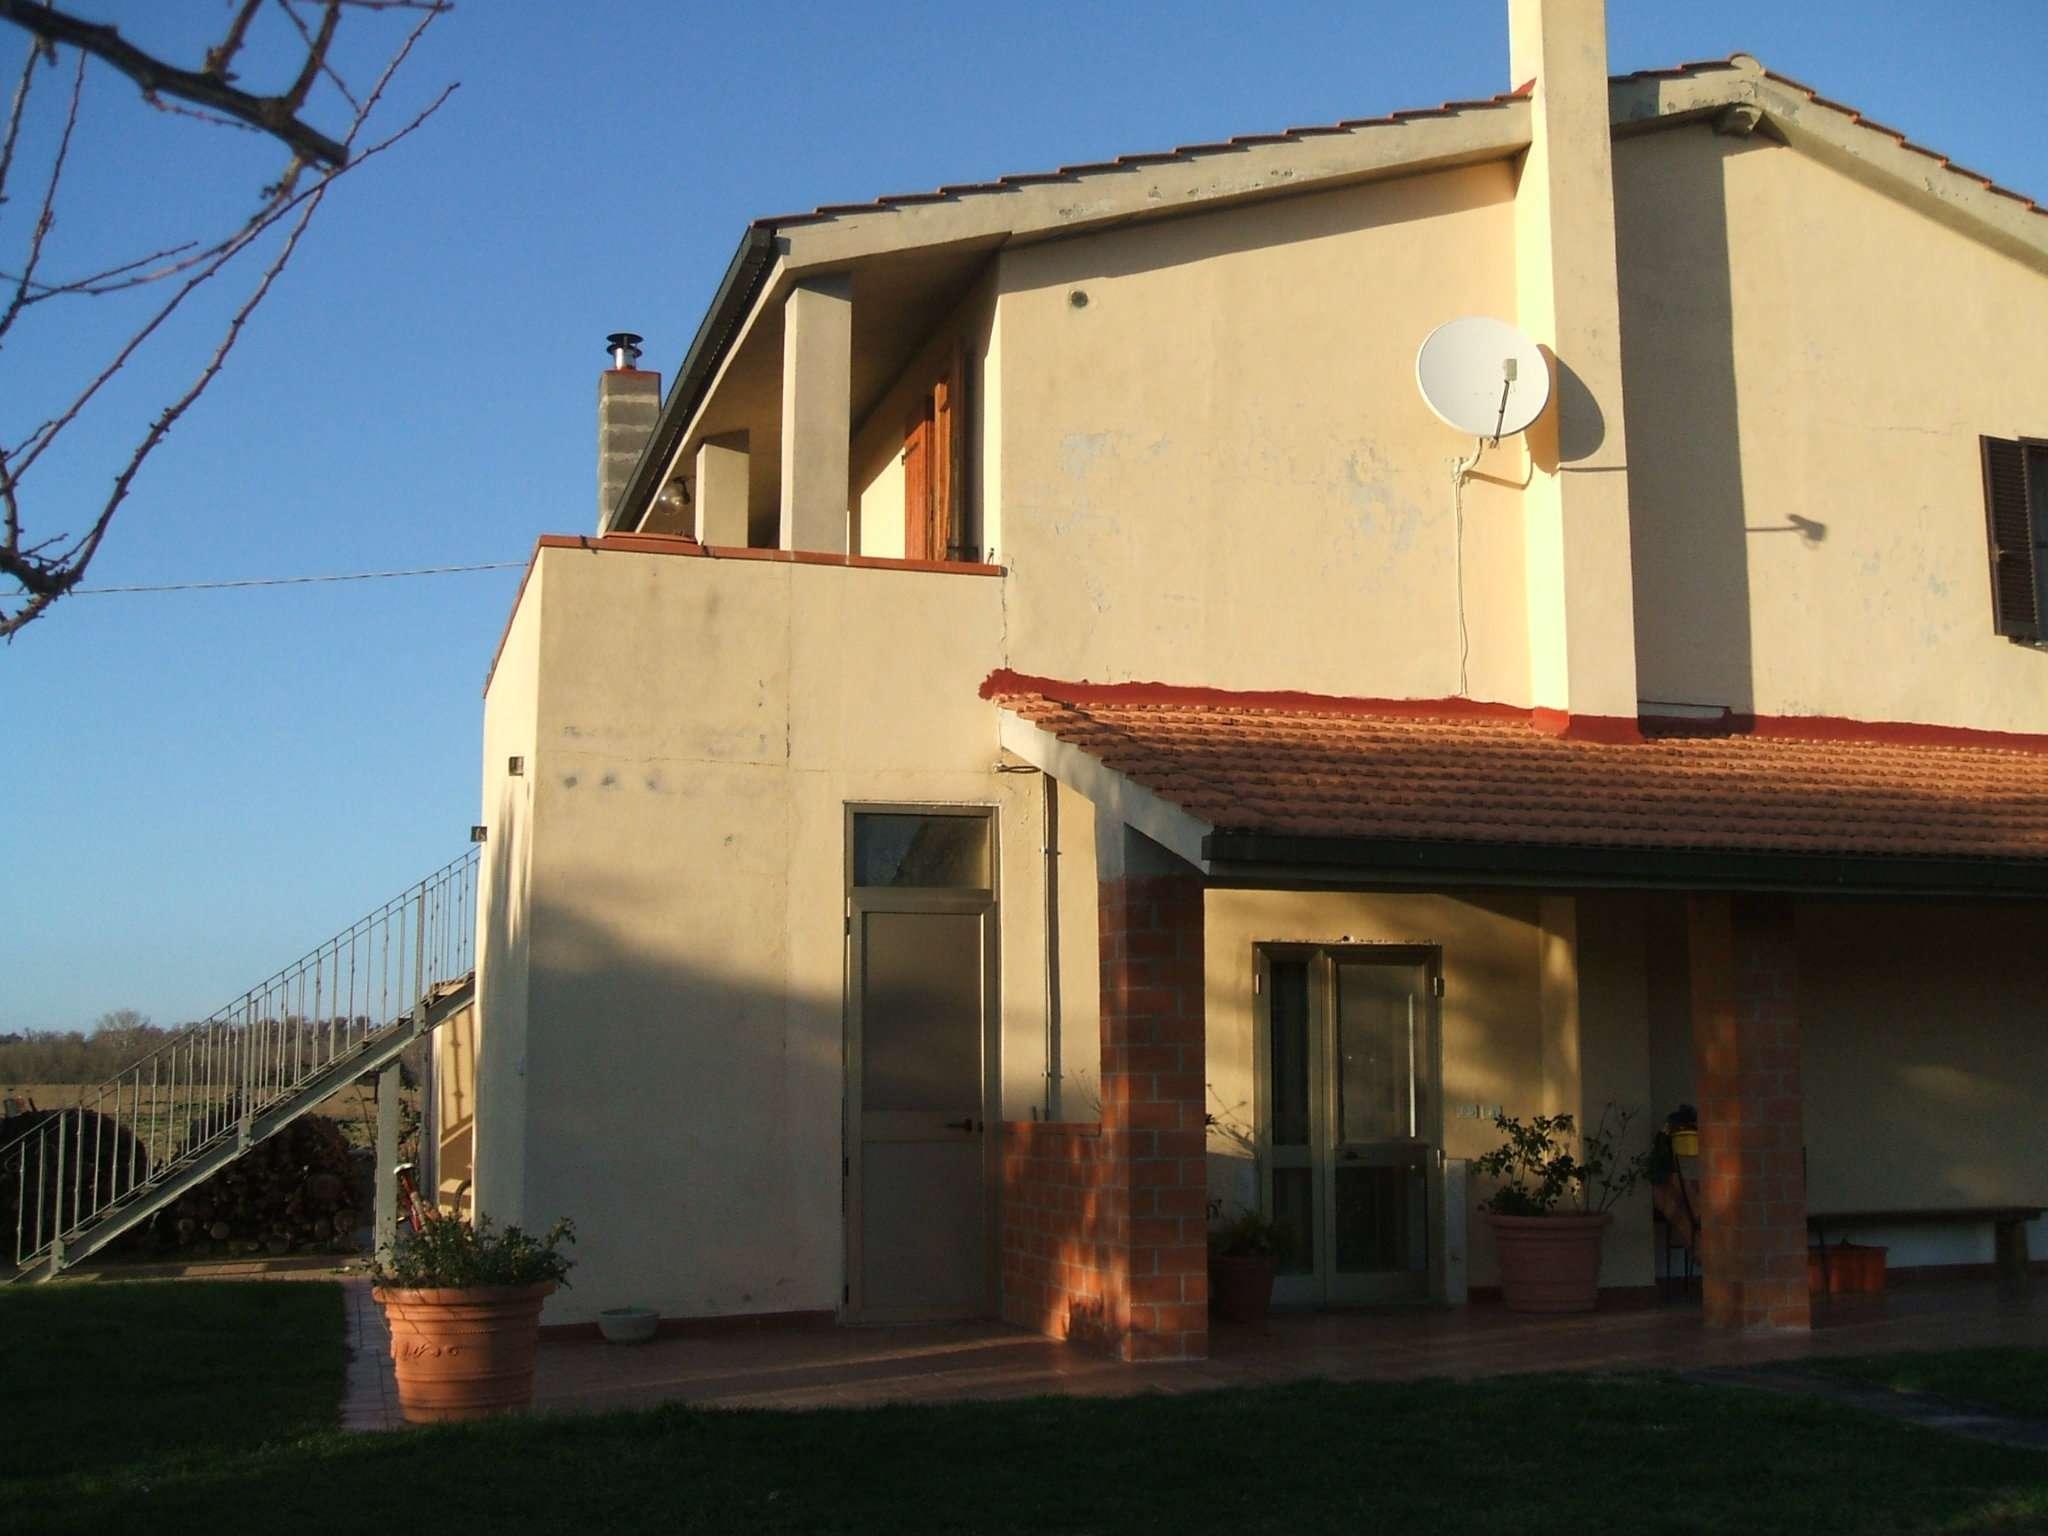 Marsiliana- Casale su 2 livelli  con 3 unità abitative distinte. Rif. Casale 1